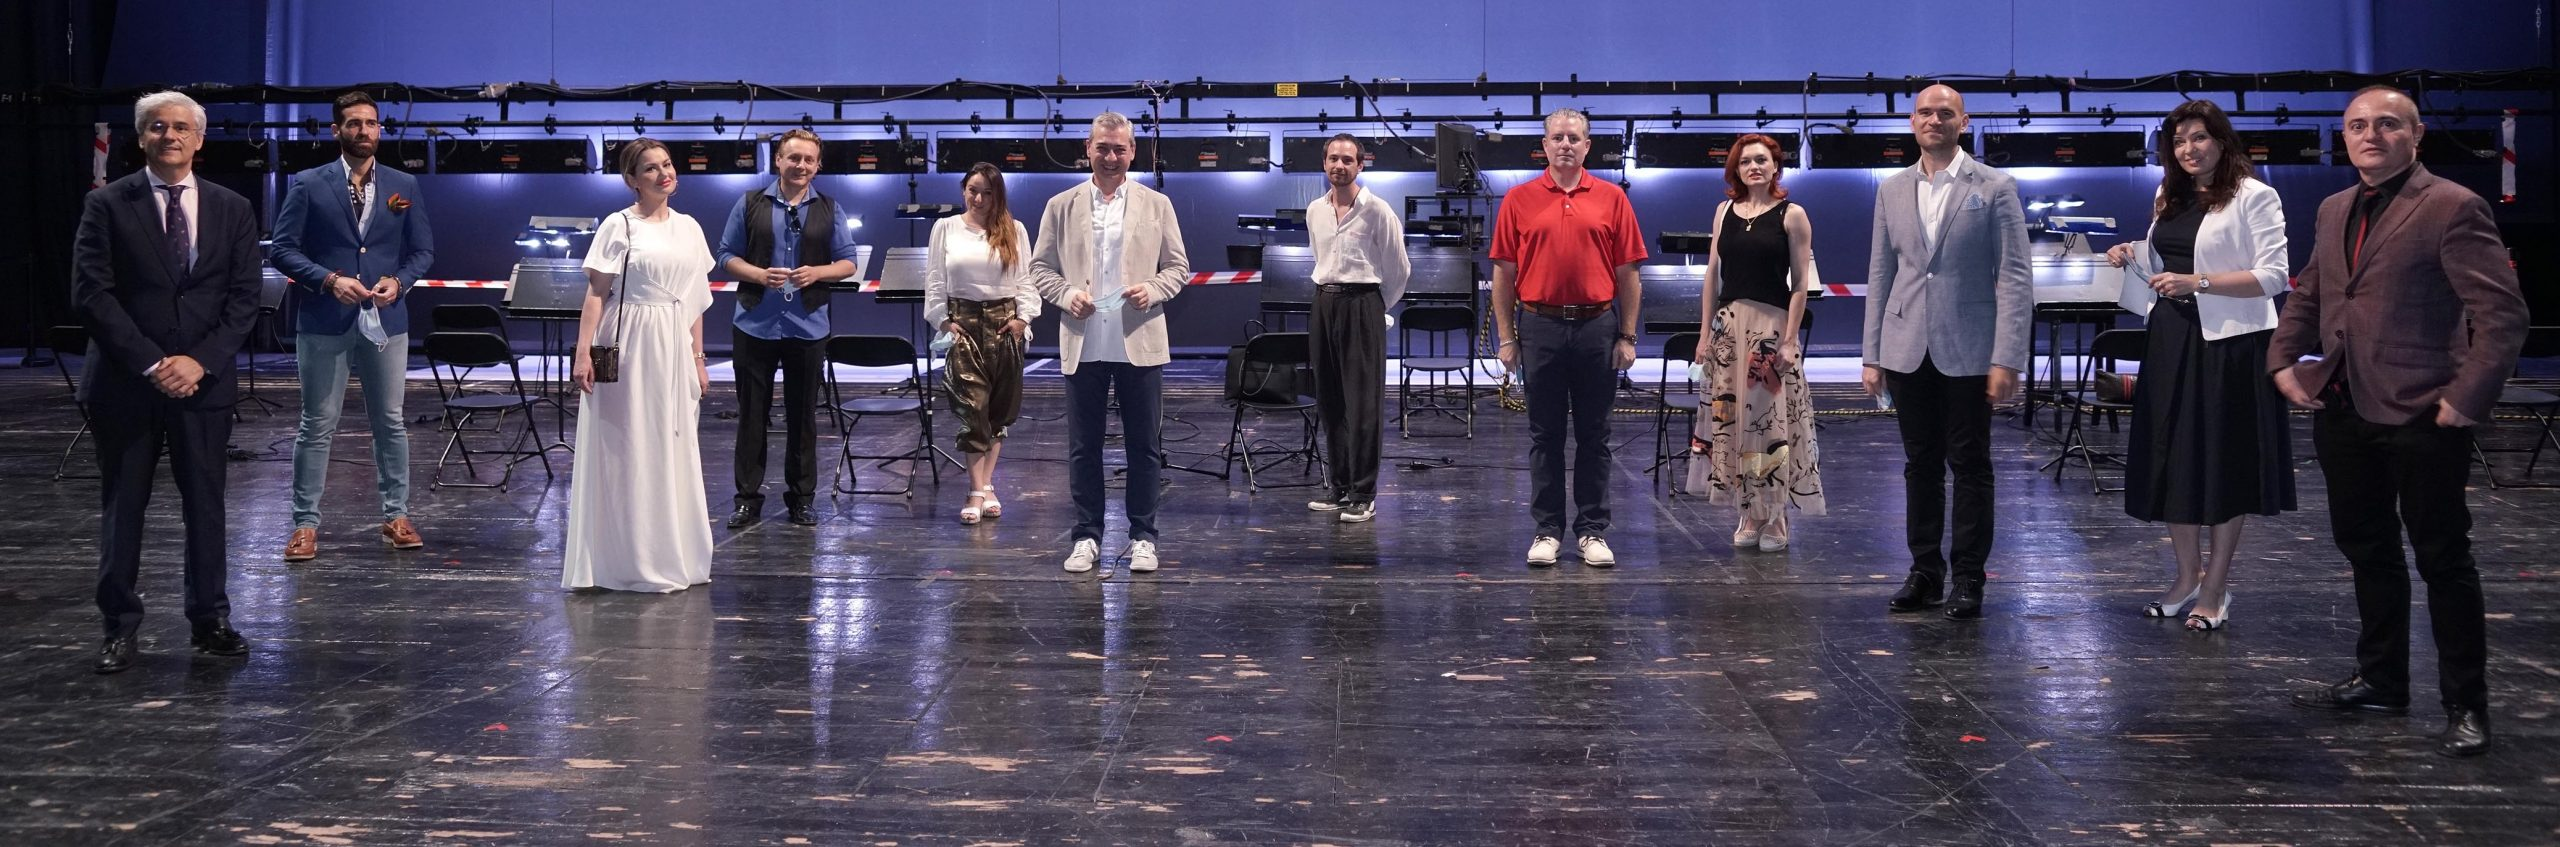 Participantes en la rueda de prensa de ´La Traviata'. © Javier del Real   Teatro Real.